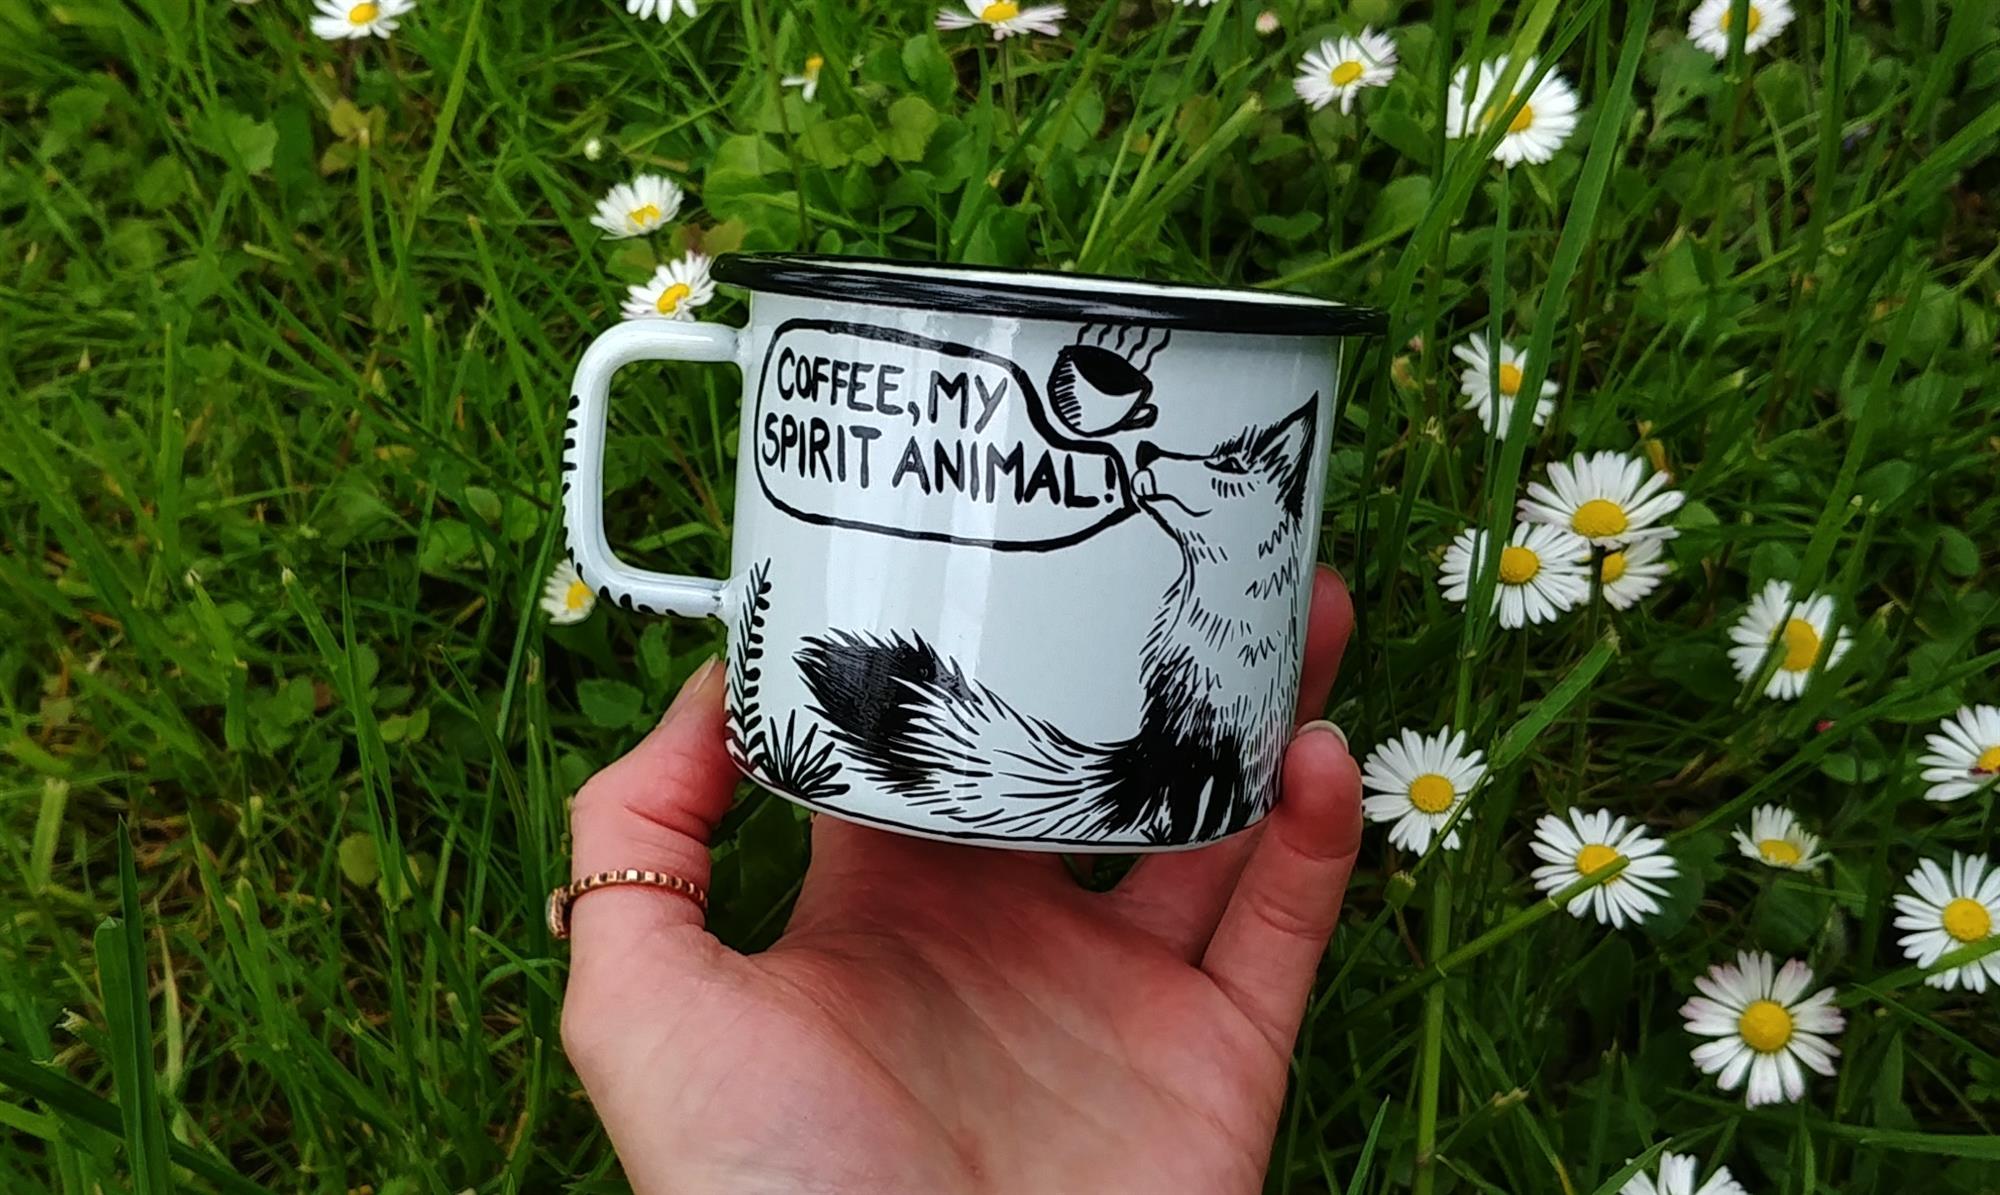 fox mug spirit animal hand made gift ideas kids gift travler gift idea gift for him etsy store buy online